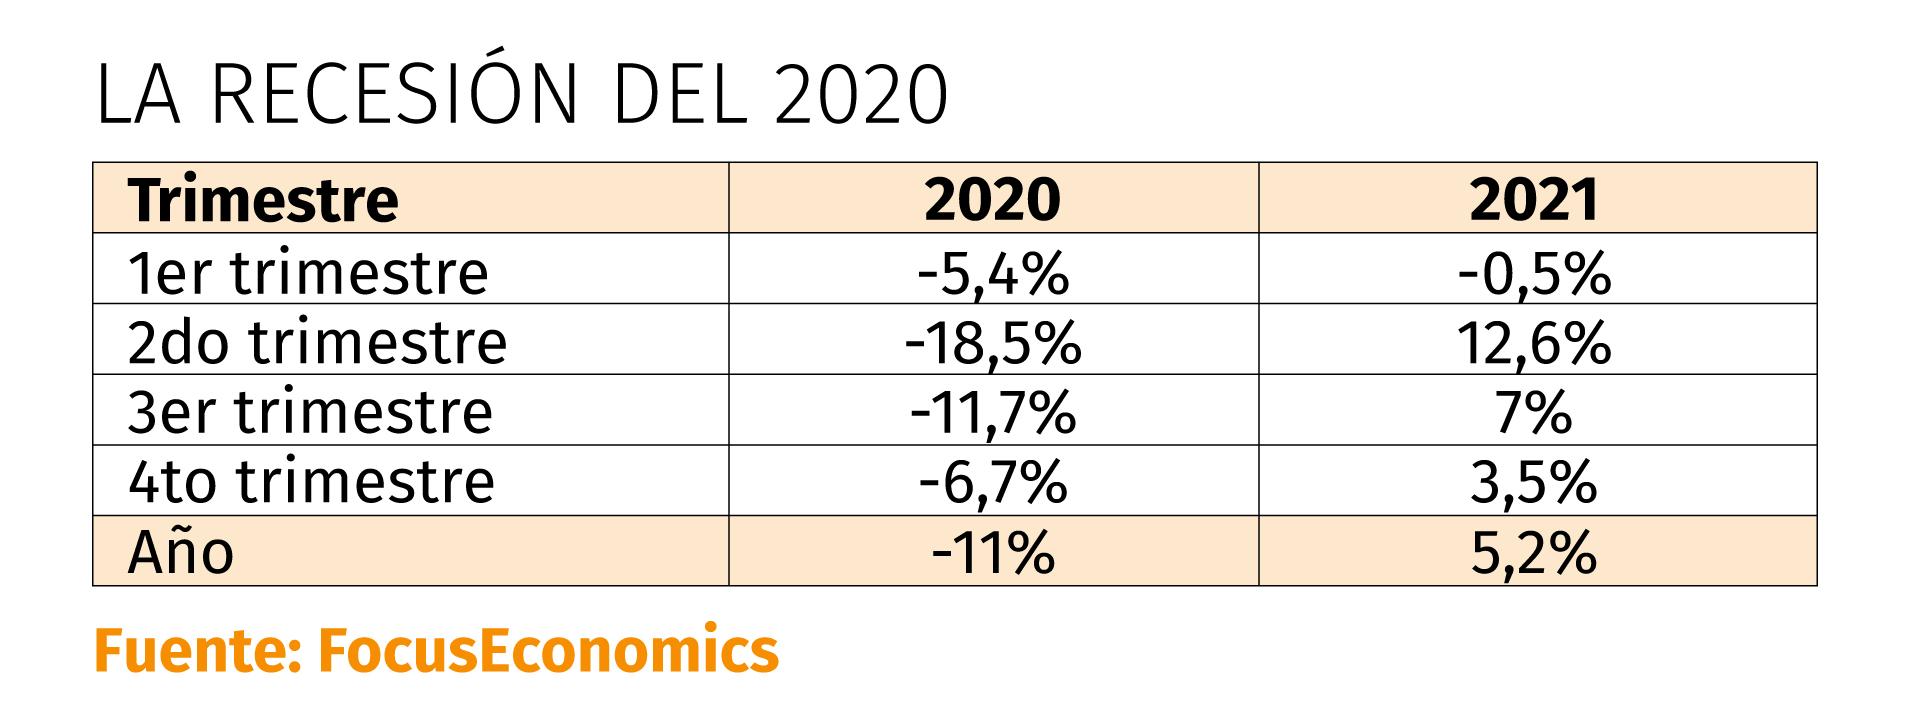 La caída del PBI, trimestre por trimestre, en 2020 y 2021, según las consultoras